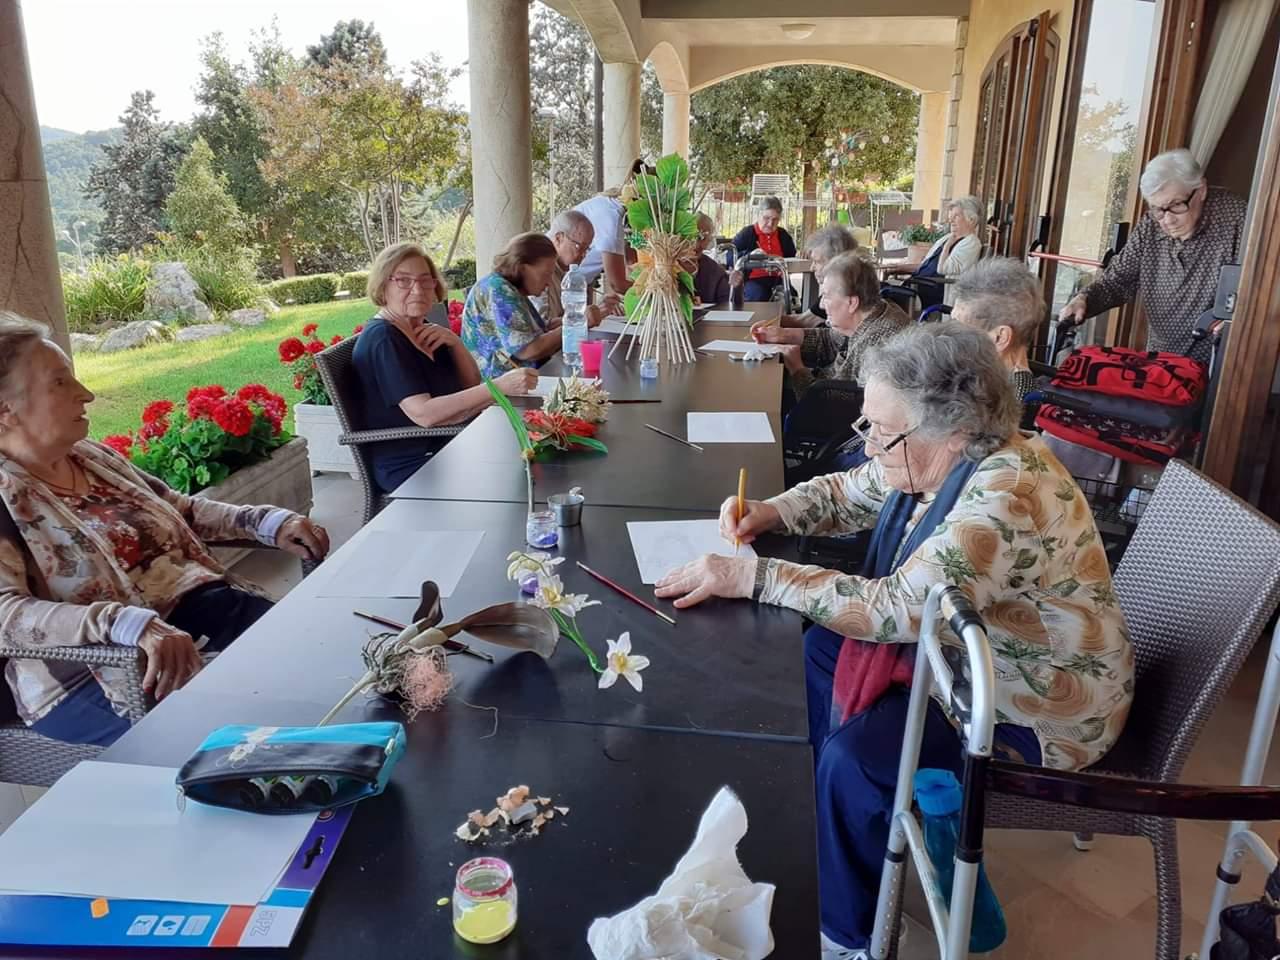 Musica e arte per gli ospiti dell'istituto per anziani